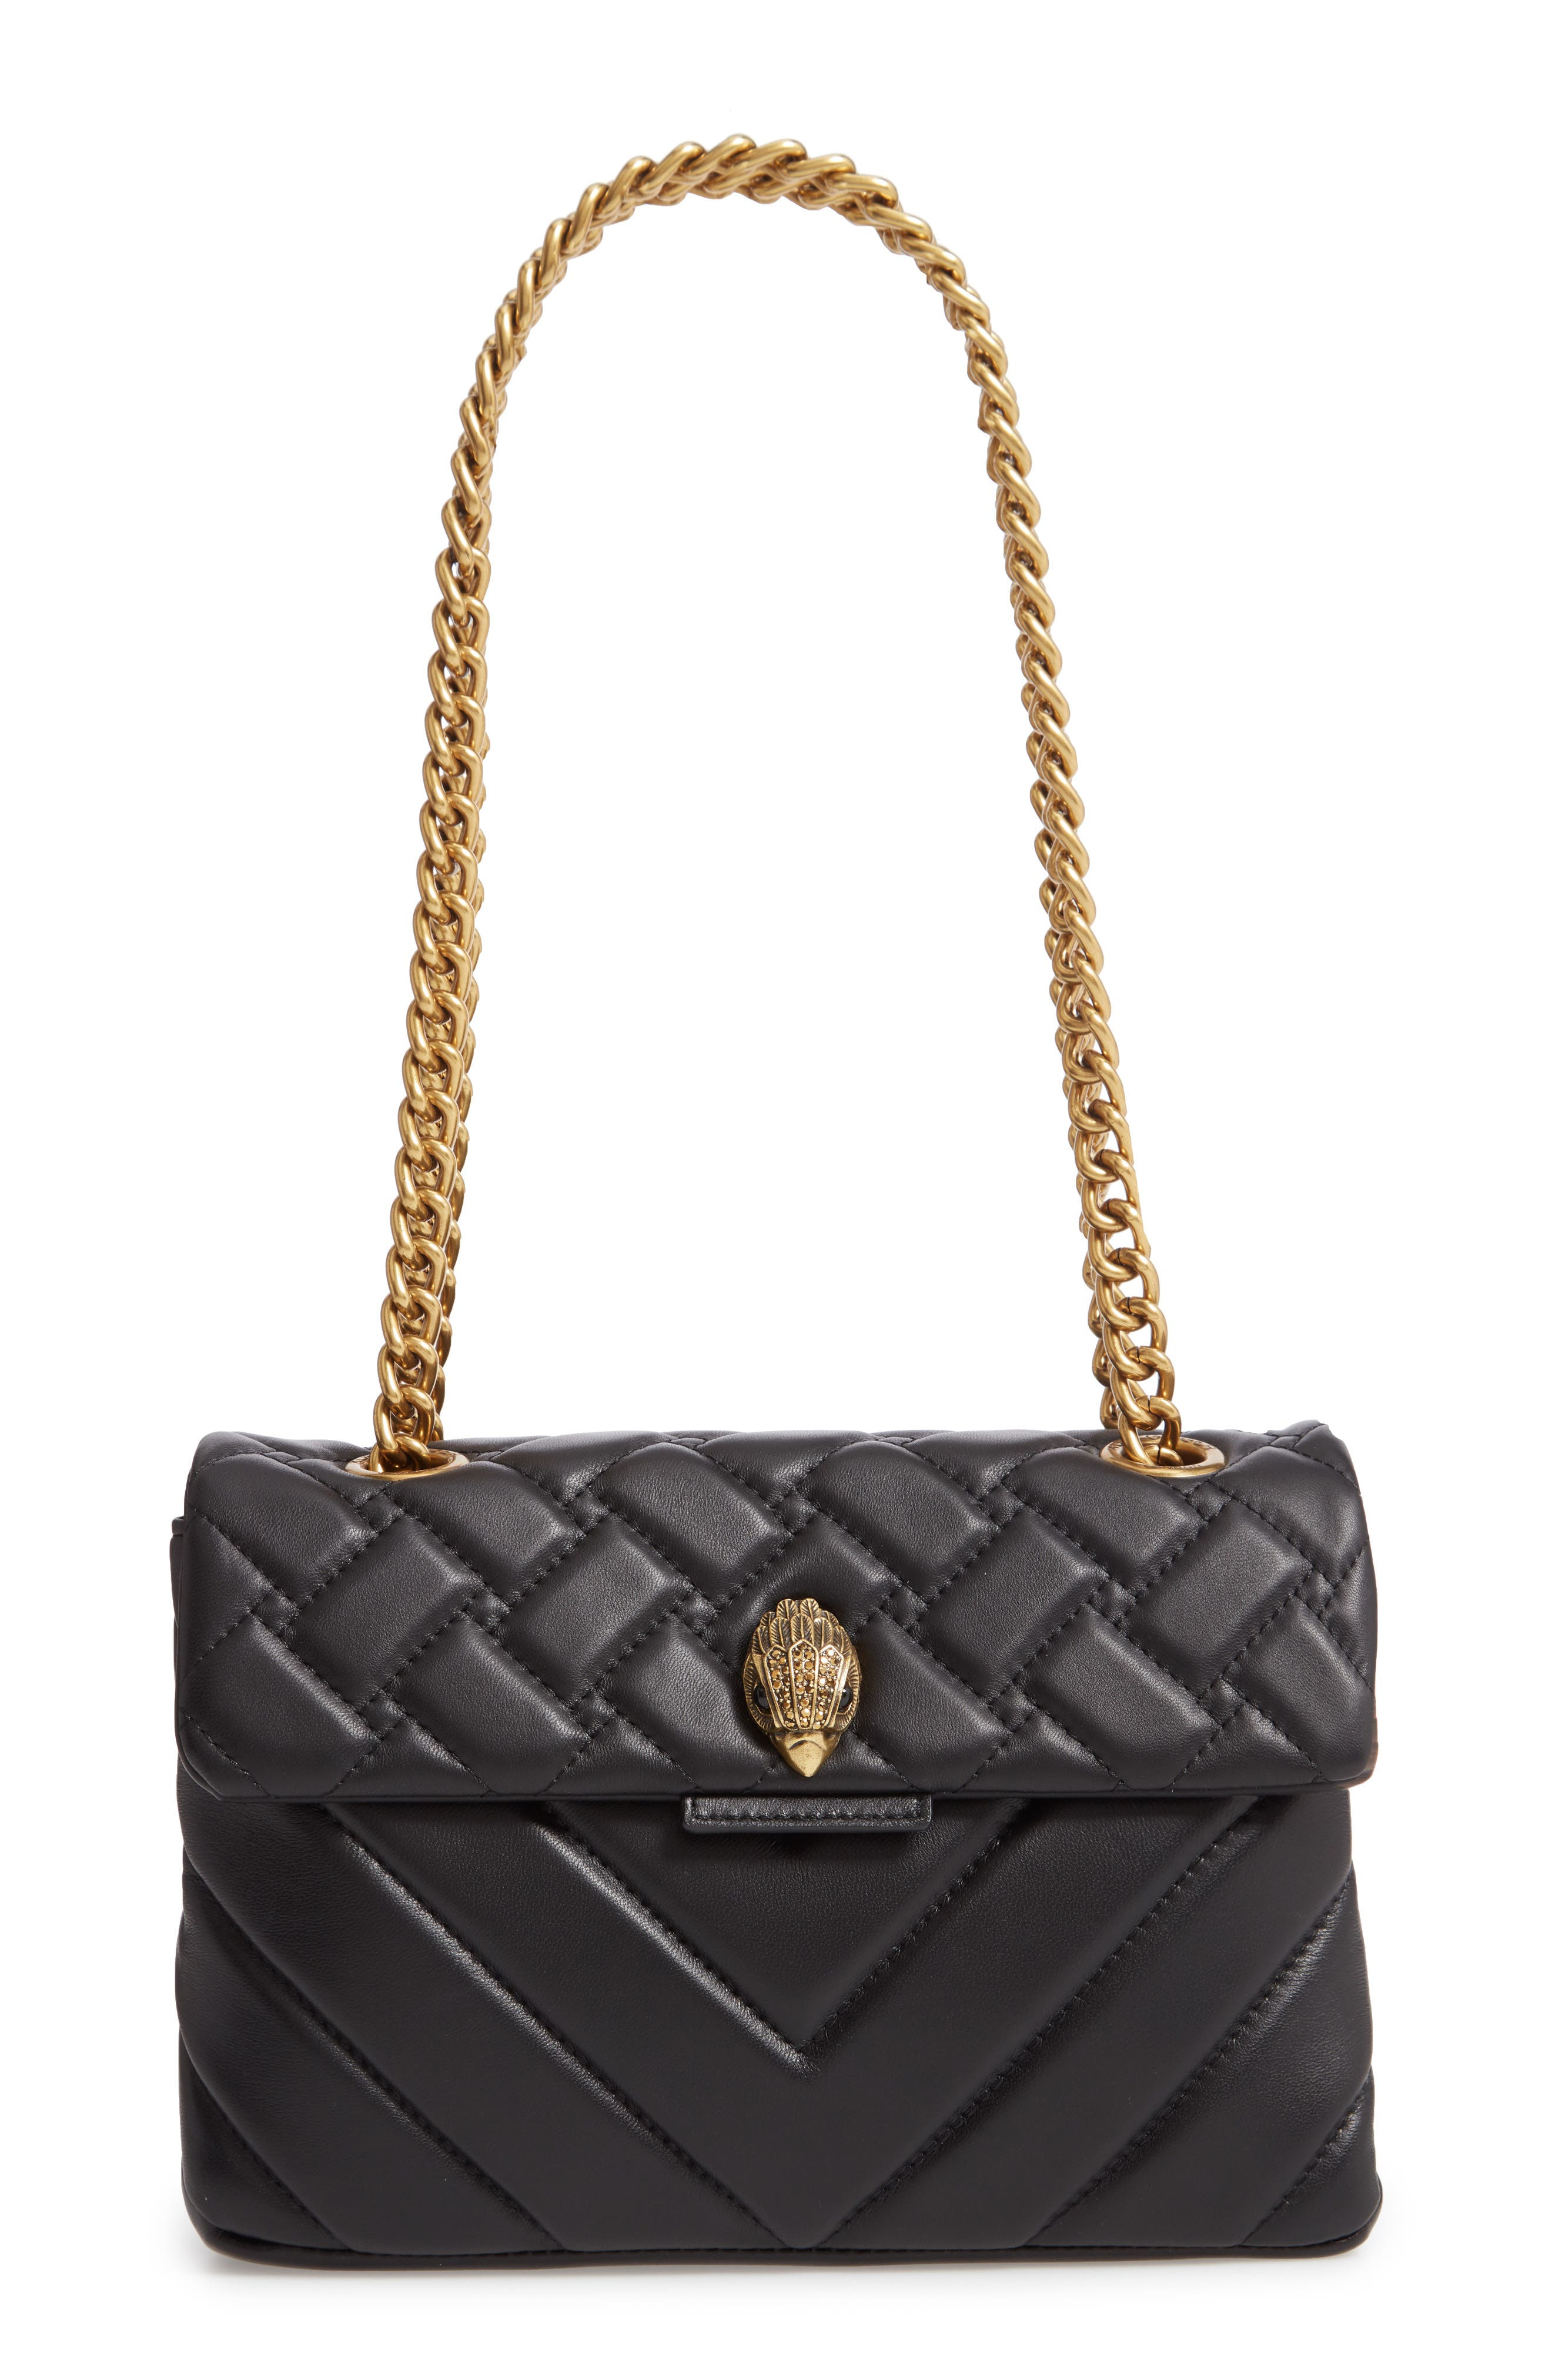 KURT GEIGER LONDON Kensington Quilted Leather Shoulder Bag, Main, color, BLACK